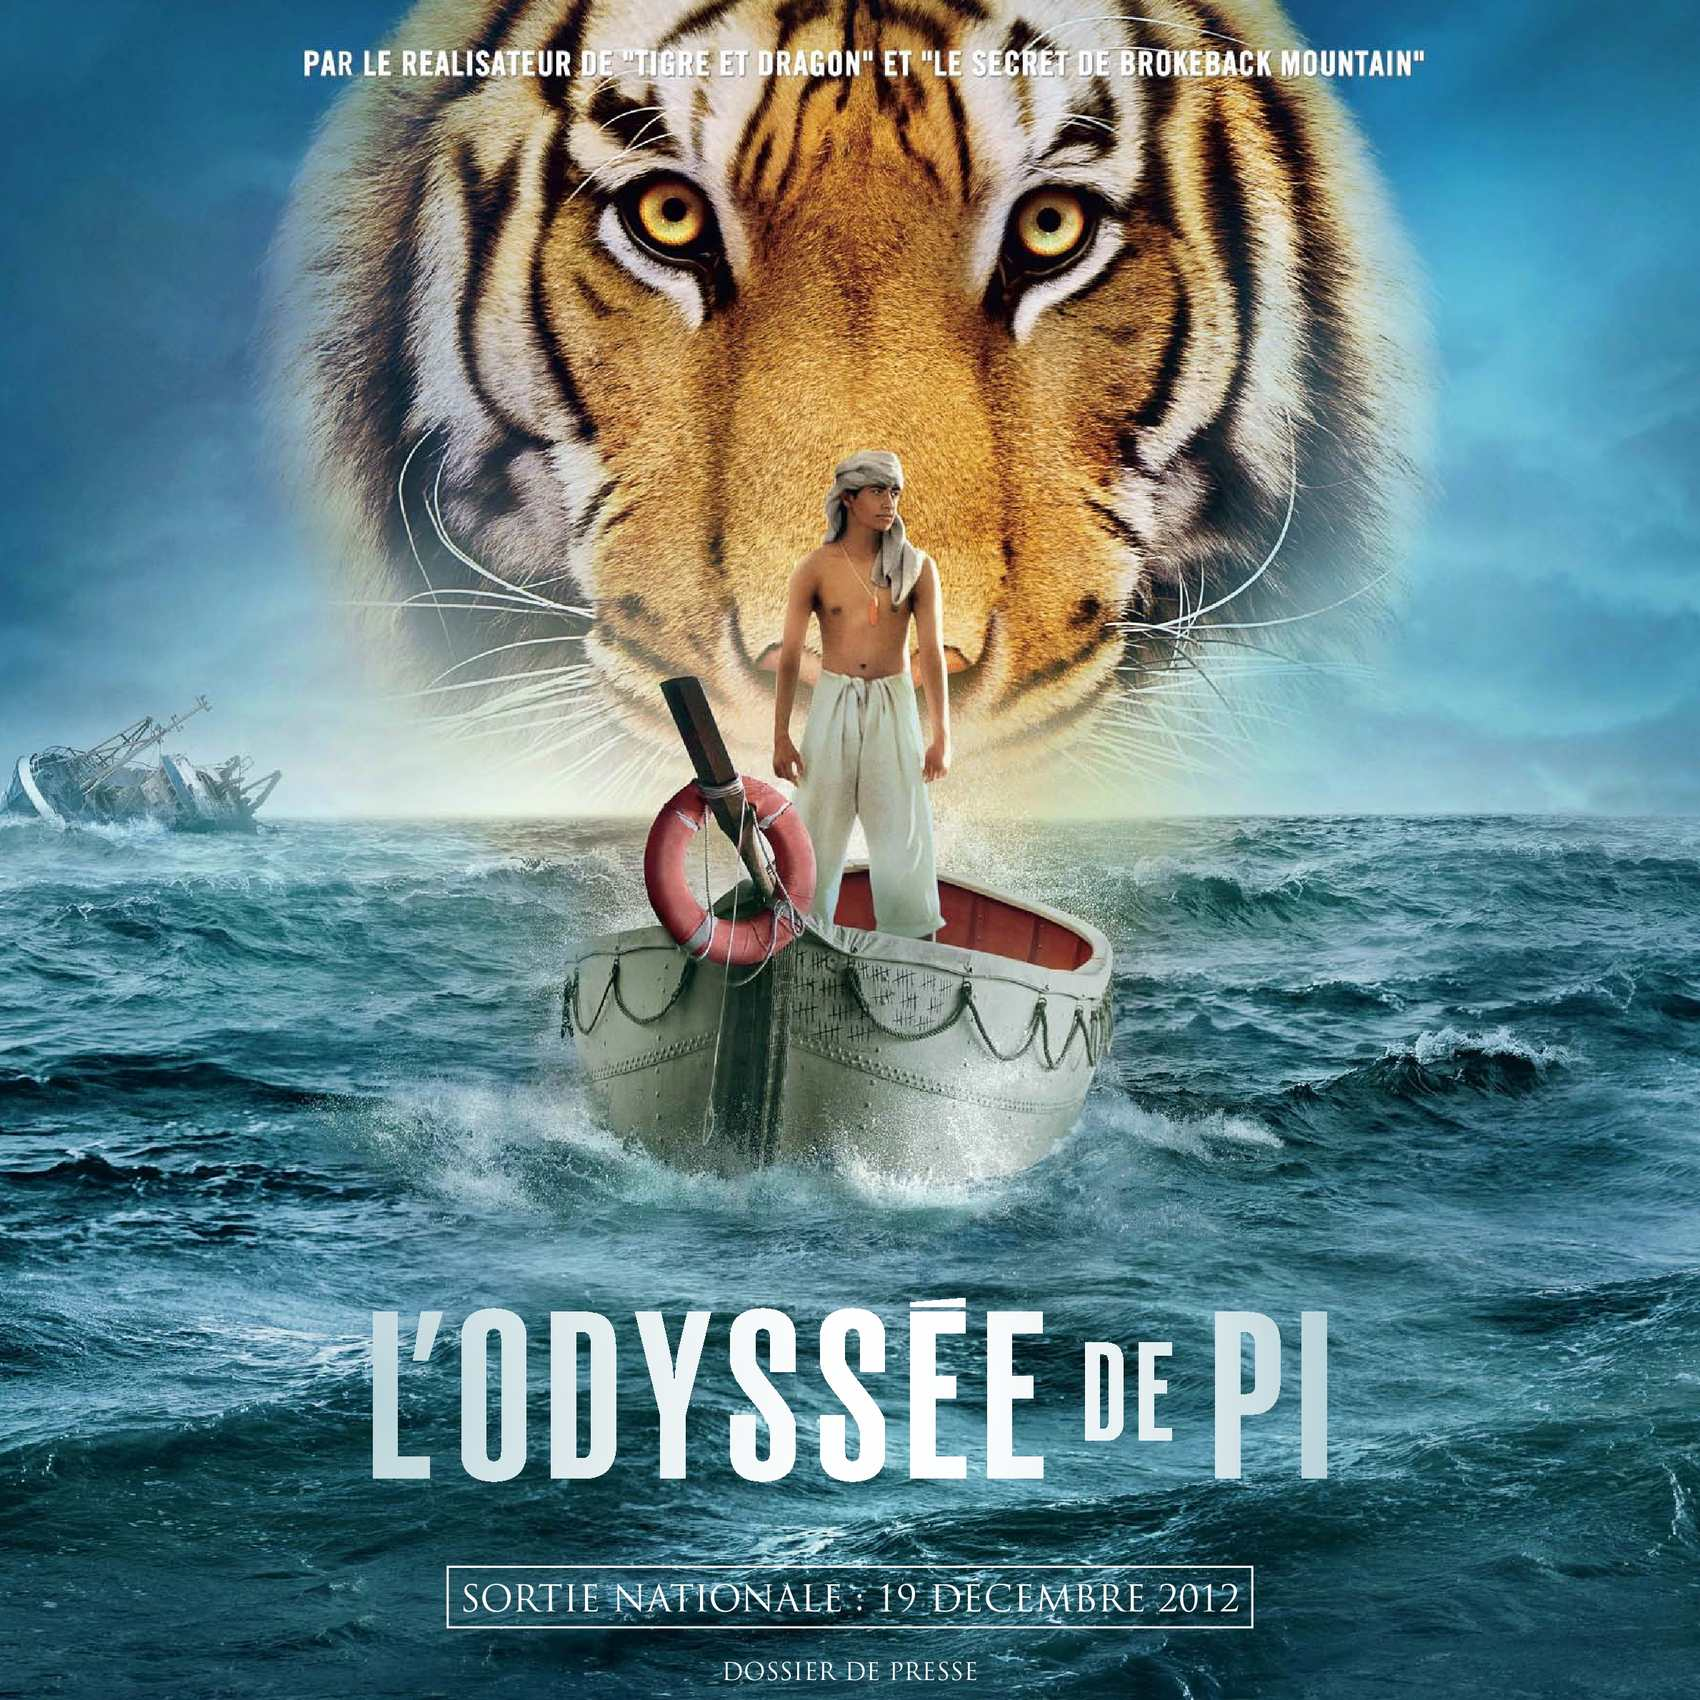 74 - L'ODYSSE DE PIFILM DÉVELOPPEMENT PERSONNEL #074